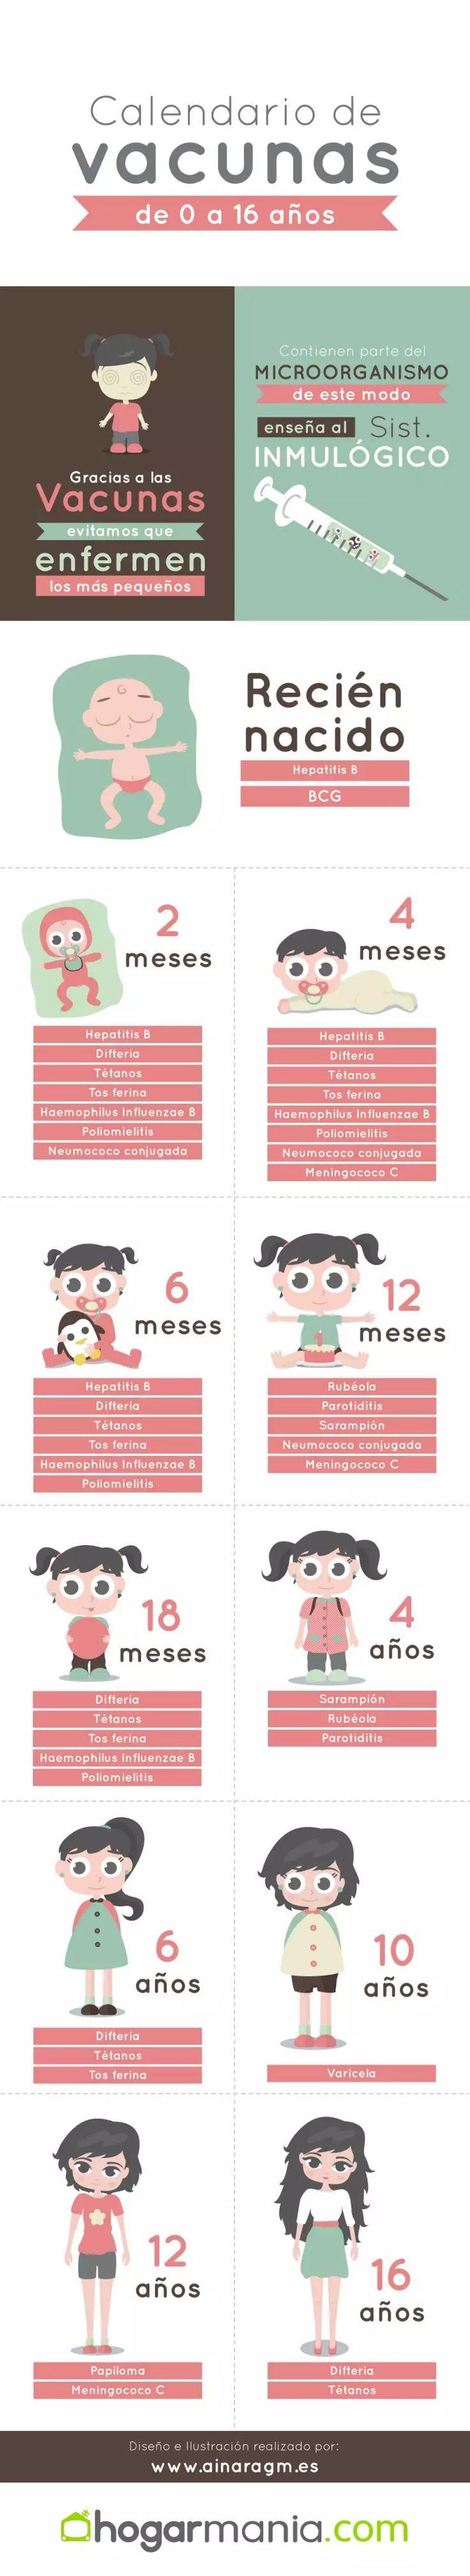 infografía calendario vacunas infantil